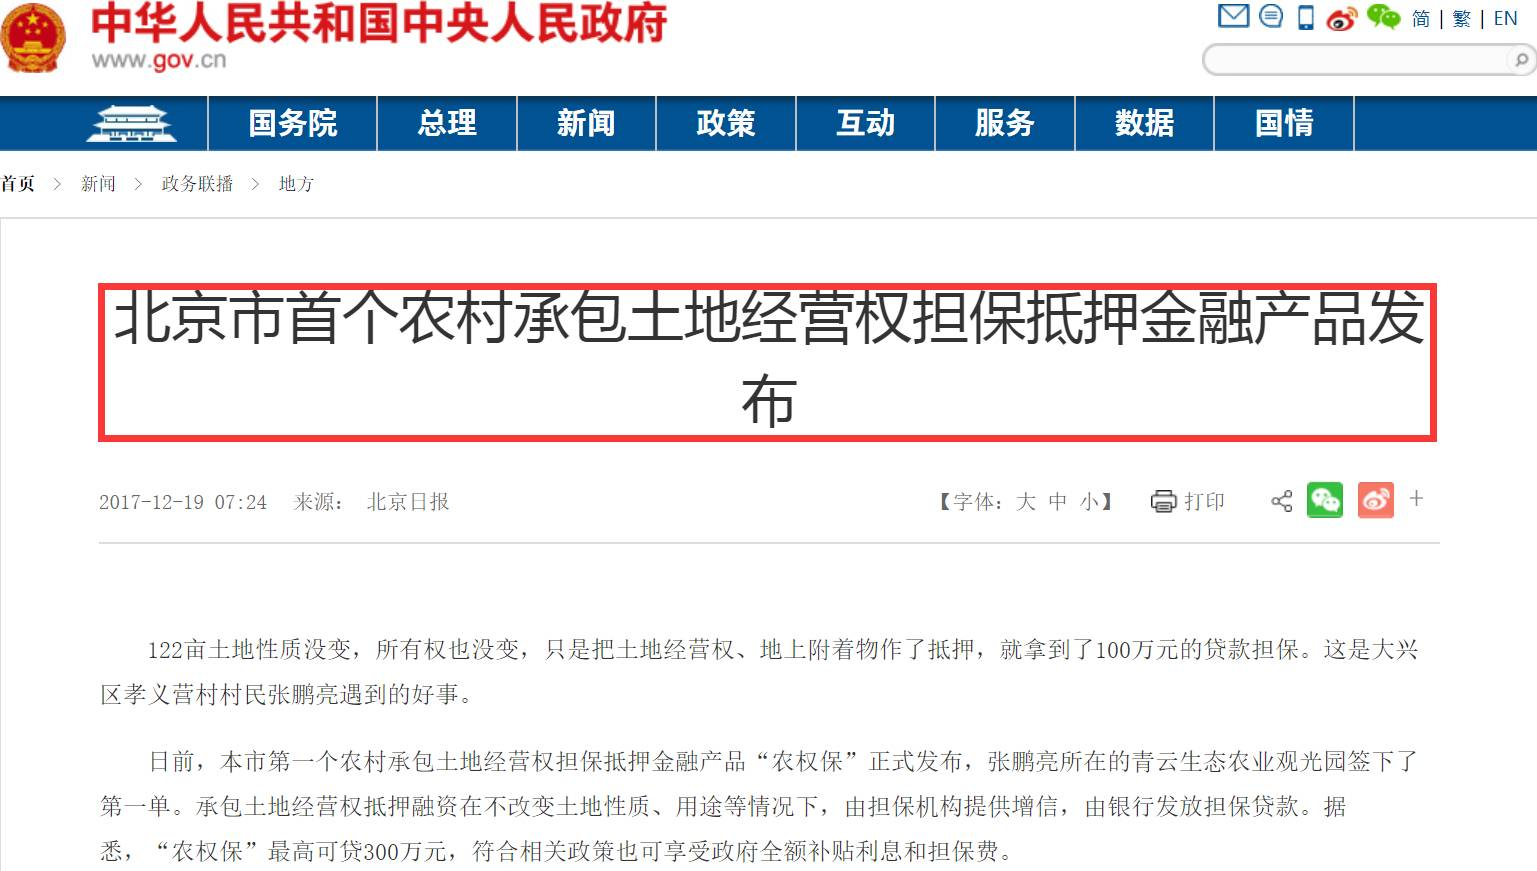 """"""" 北京方案 """" 试验成功!几十万亿的财富将被释放"""